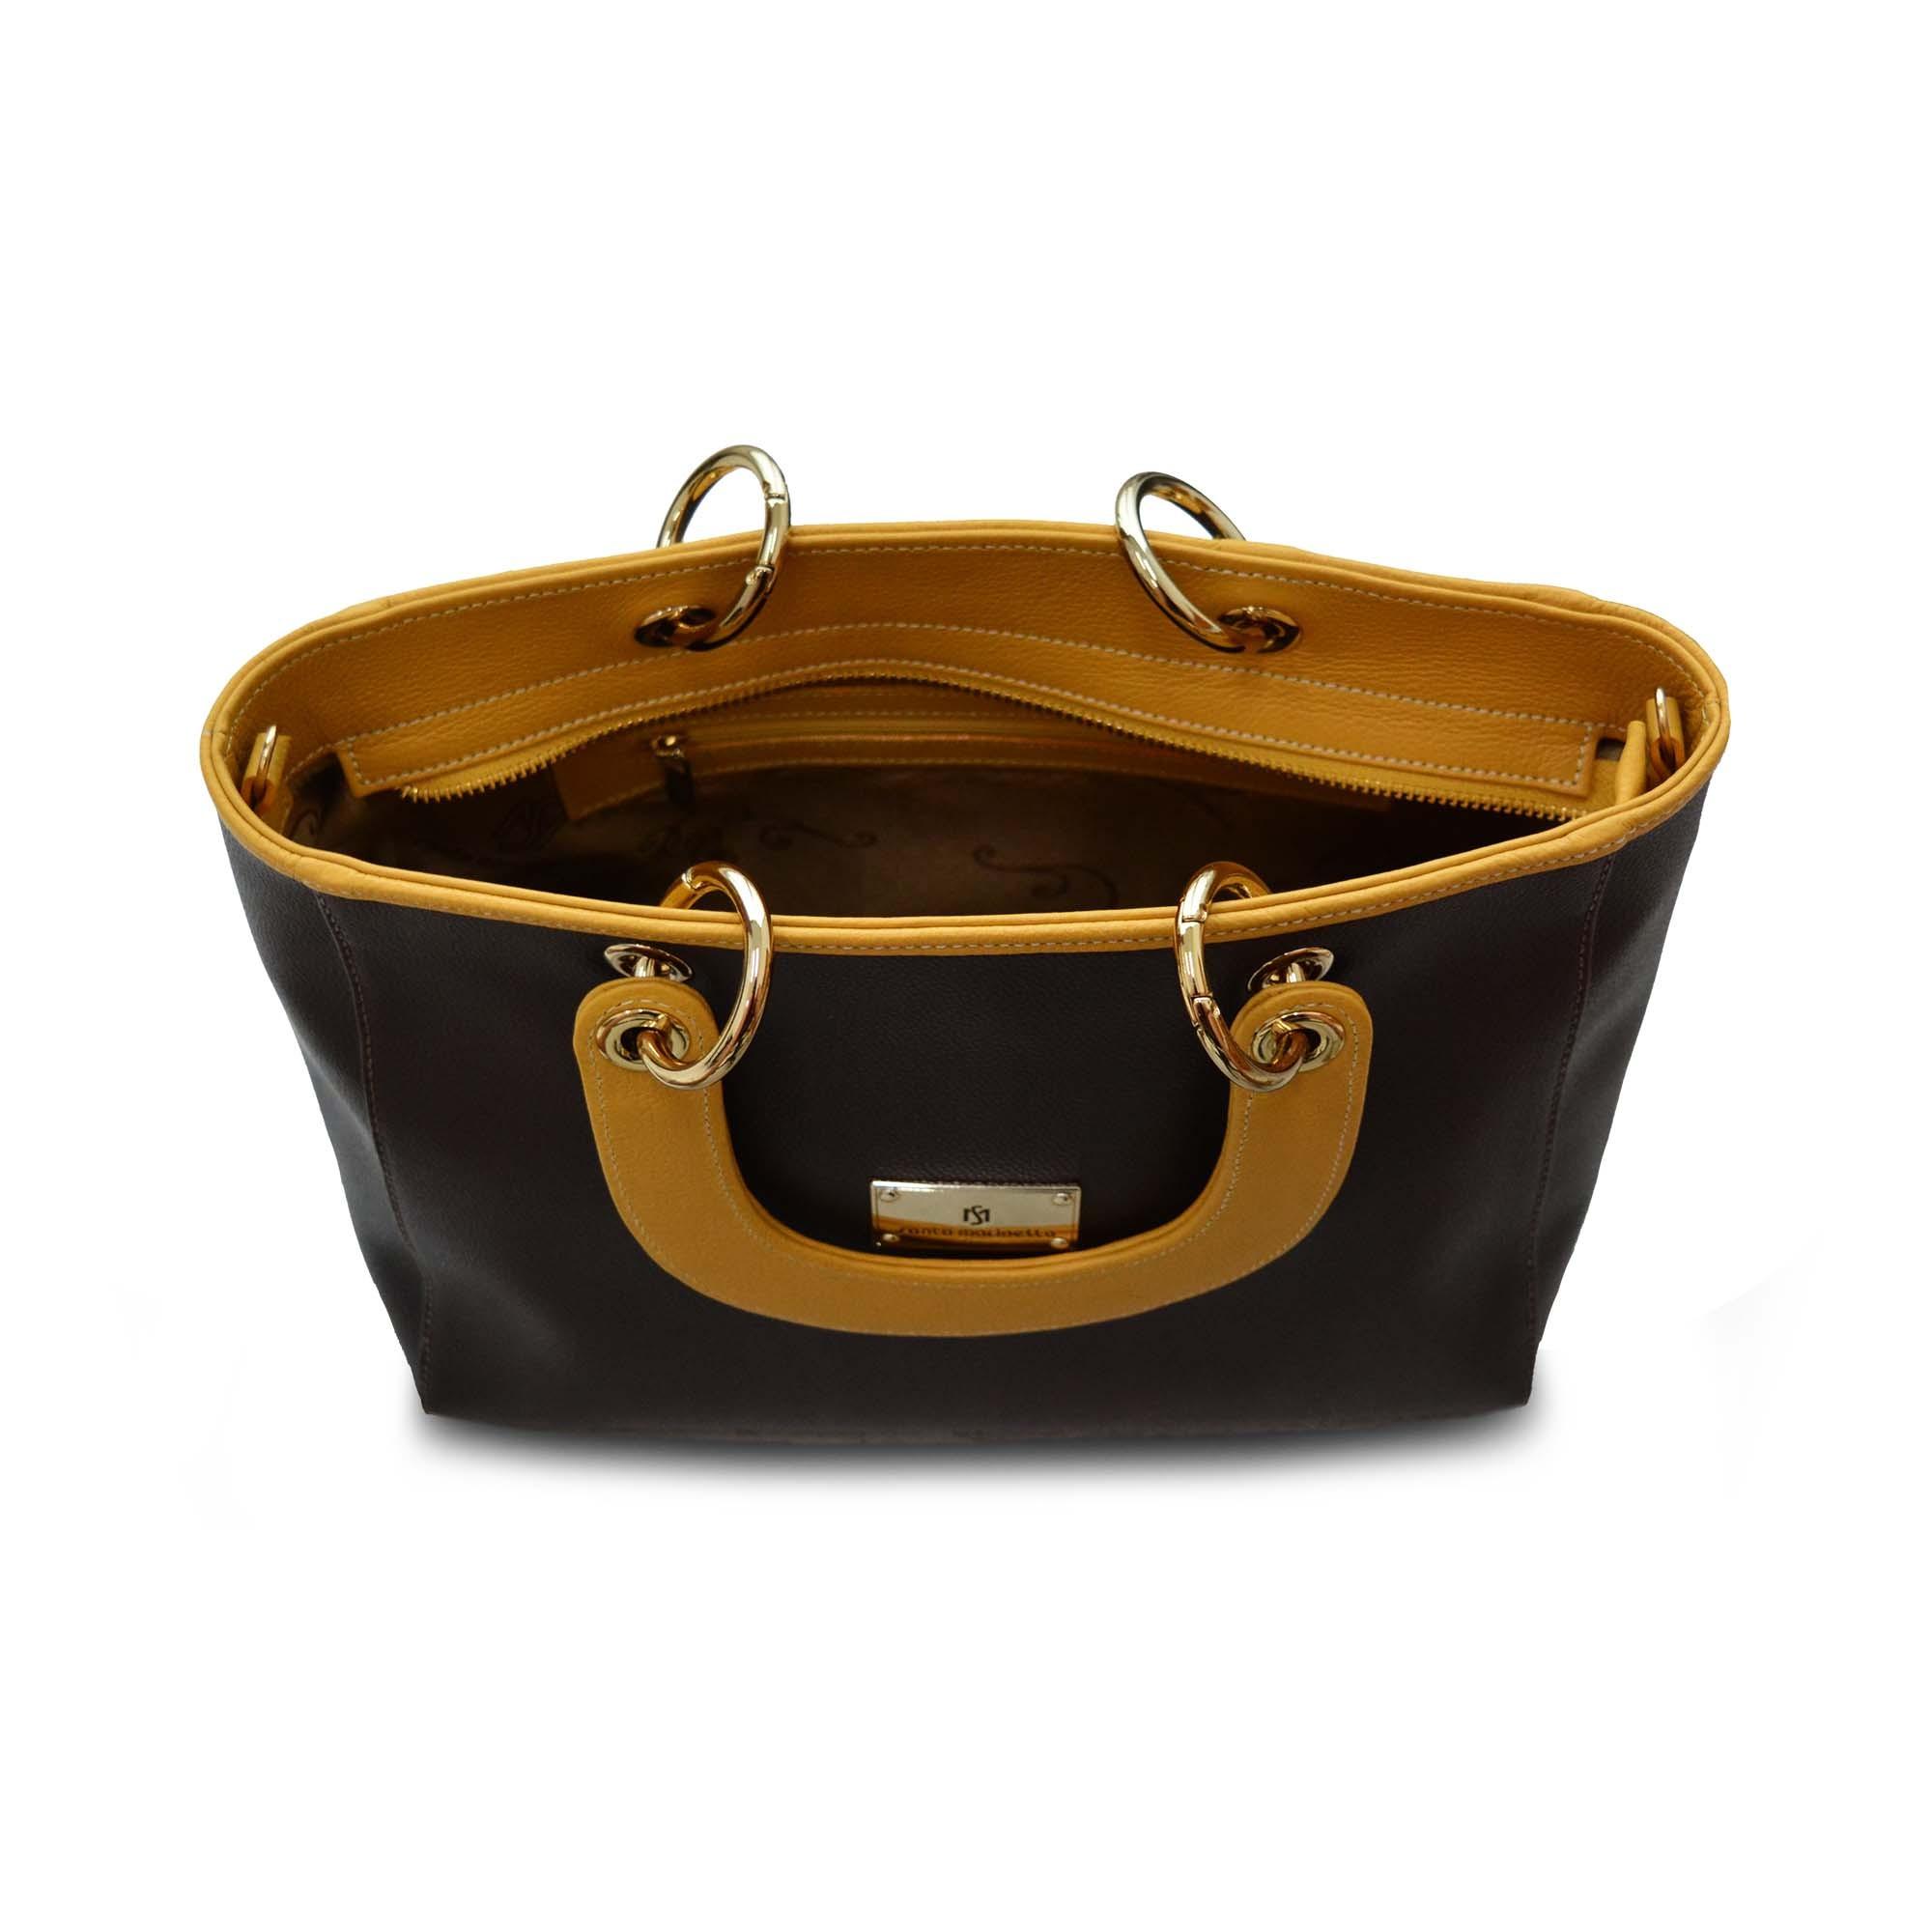 Bolsa de Mão SM 2685 - M.Liz Couro